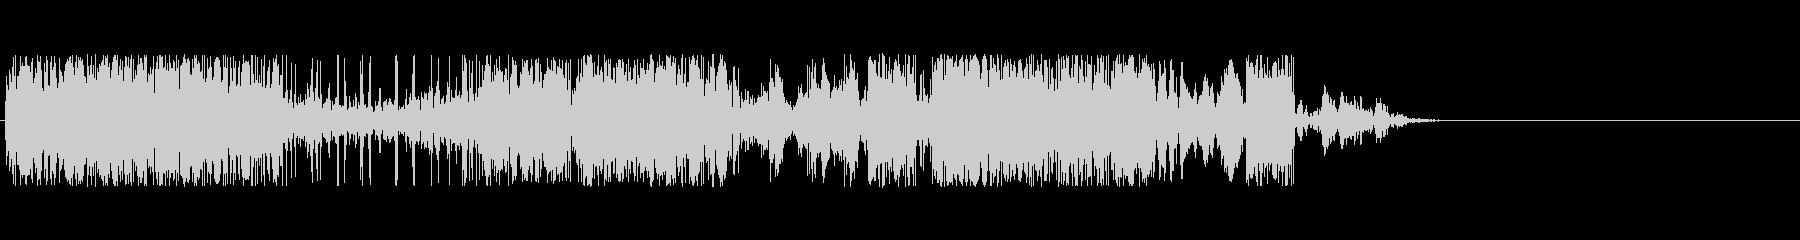 クレイジーラジオスタティックの未再生の波形